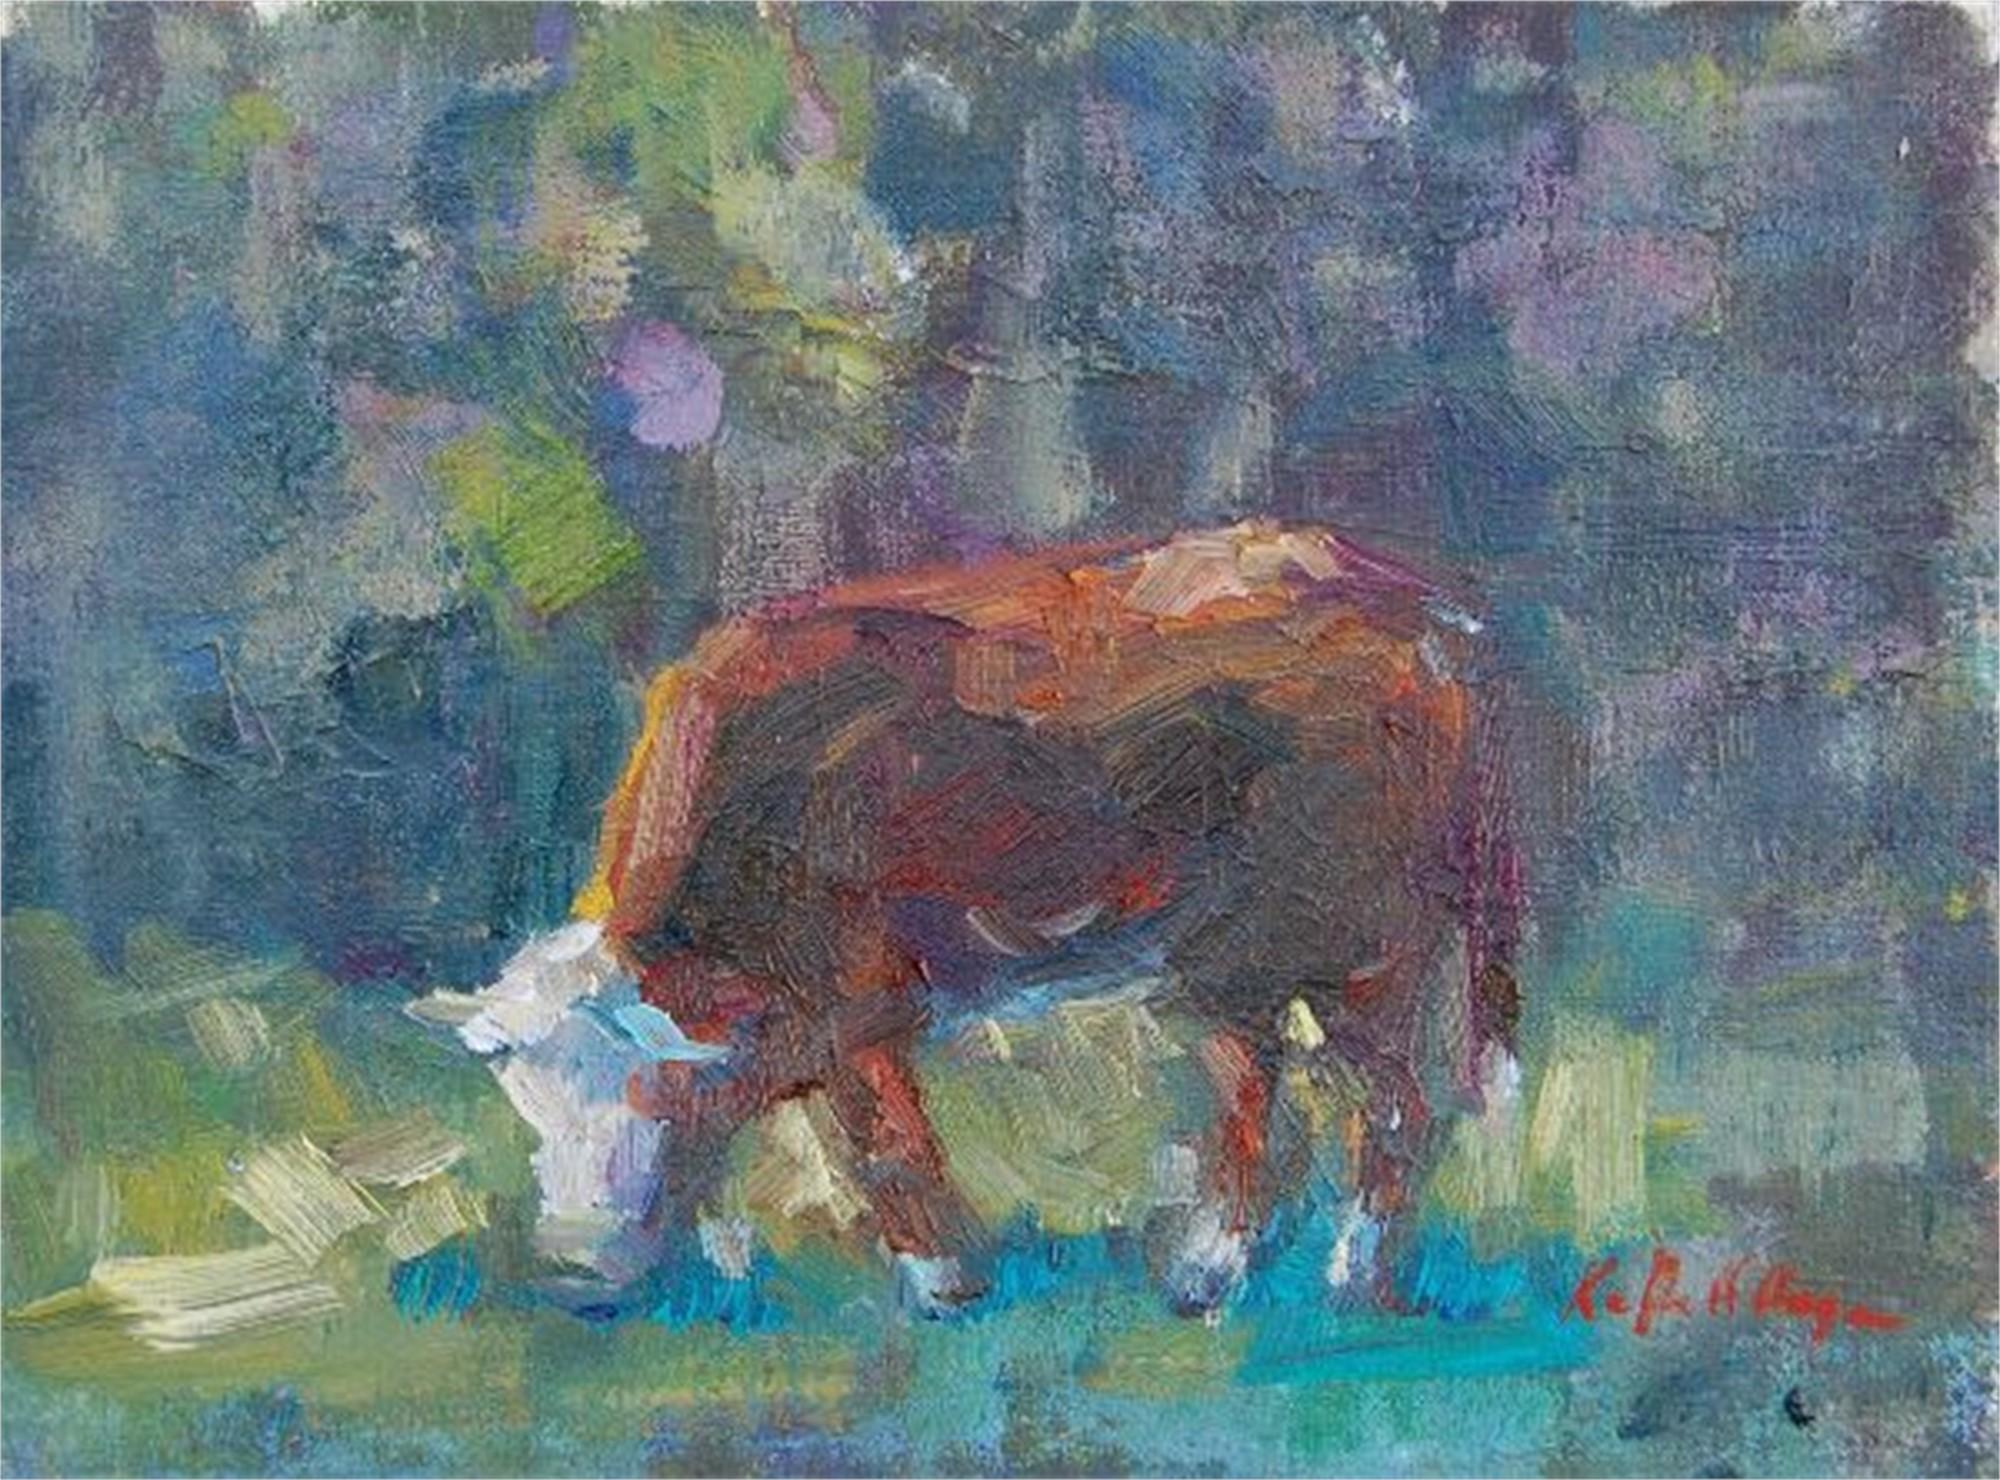 Moo by Karen Hewitt Hagan